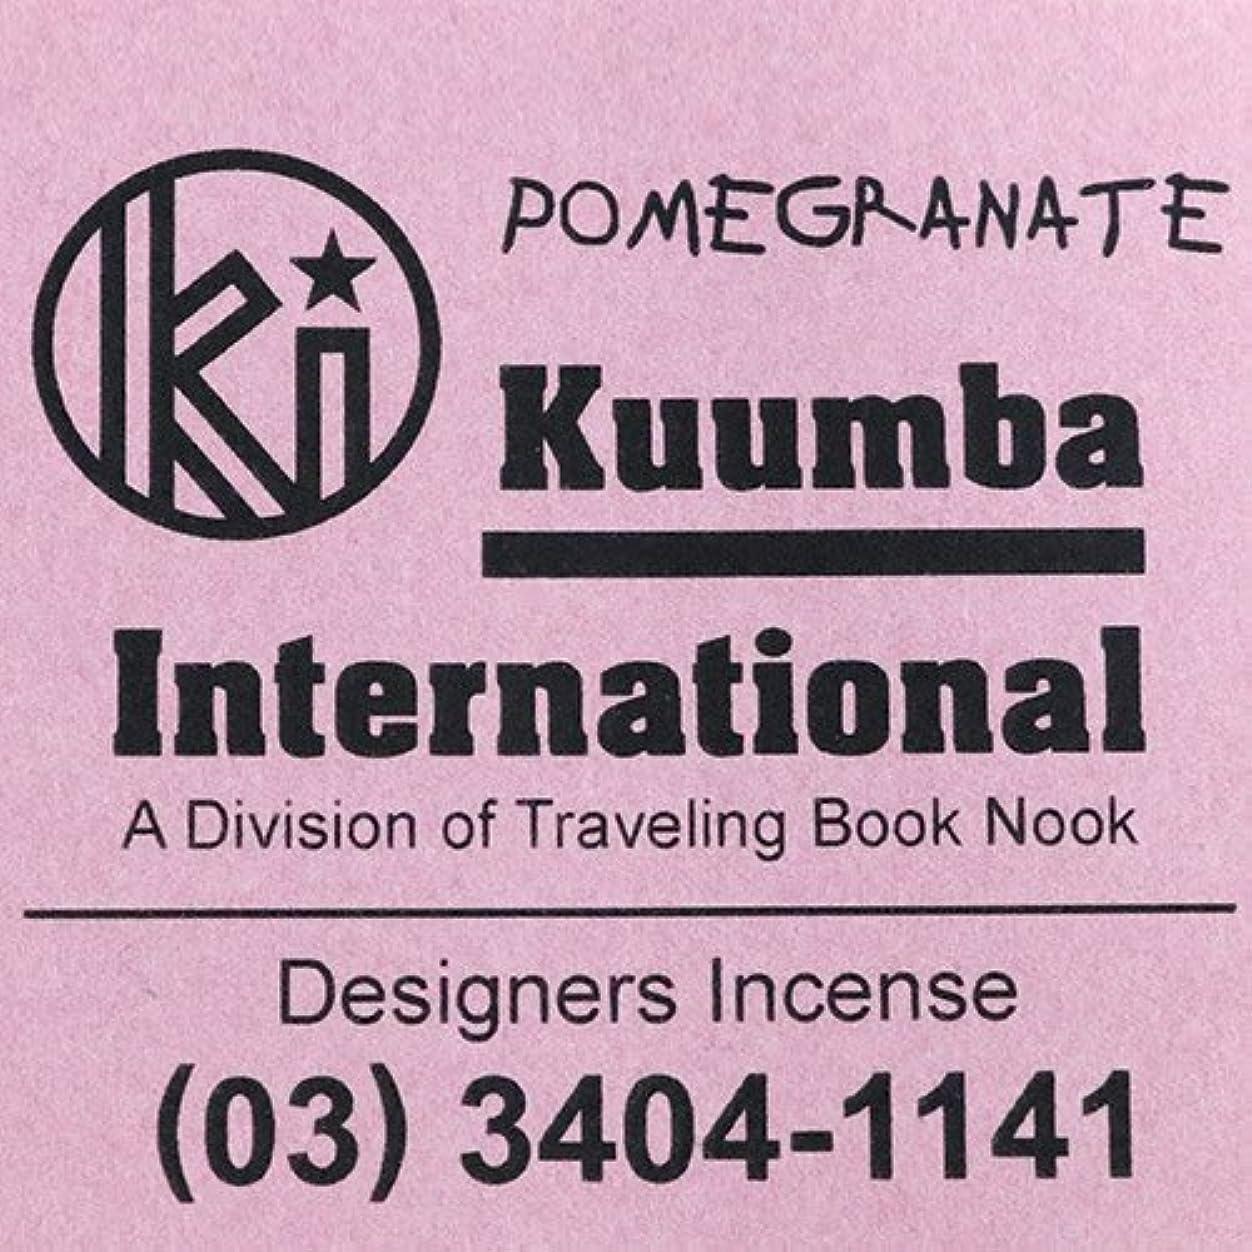 やる側それら(クンバ) KUUMBA『incense』(POMEGRANATE) (Regular size)